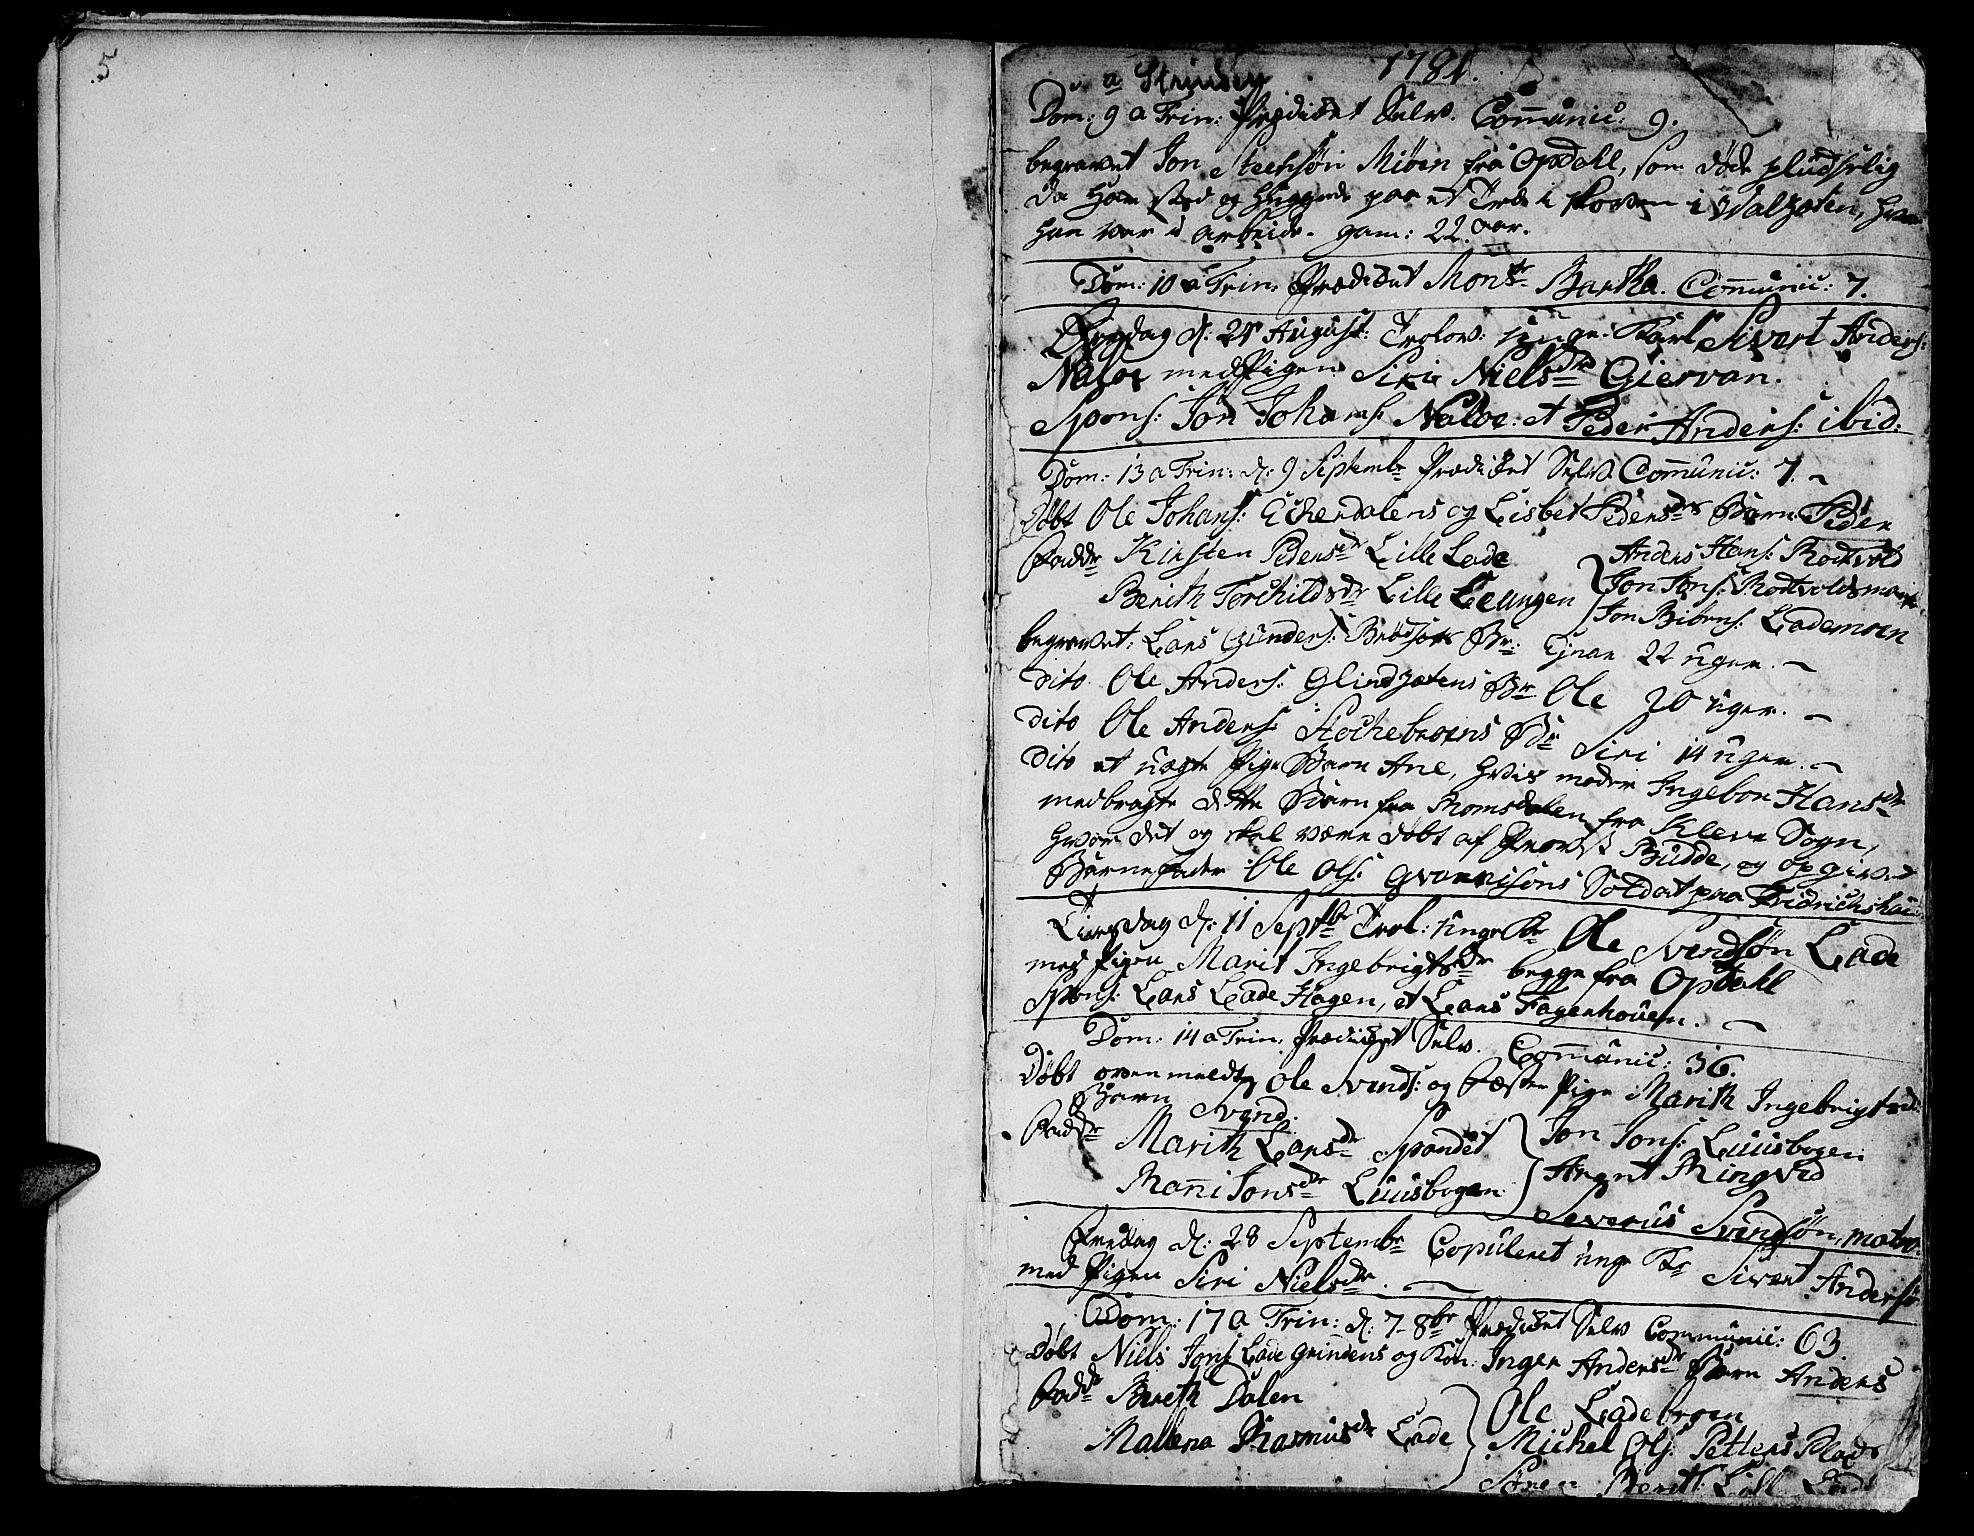 SAT, Ministerialprotokoller, klokkerbøker og fødselsregistre - Sør-Trøndelag, 606/L0280: Ministerialbok nr. 606A02 /1, 1781-1817, s. 5-6